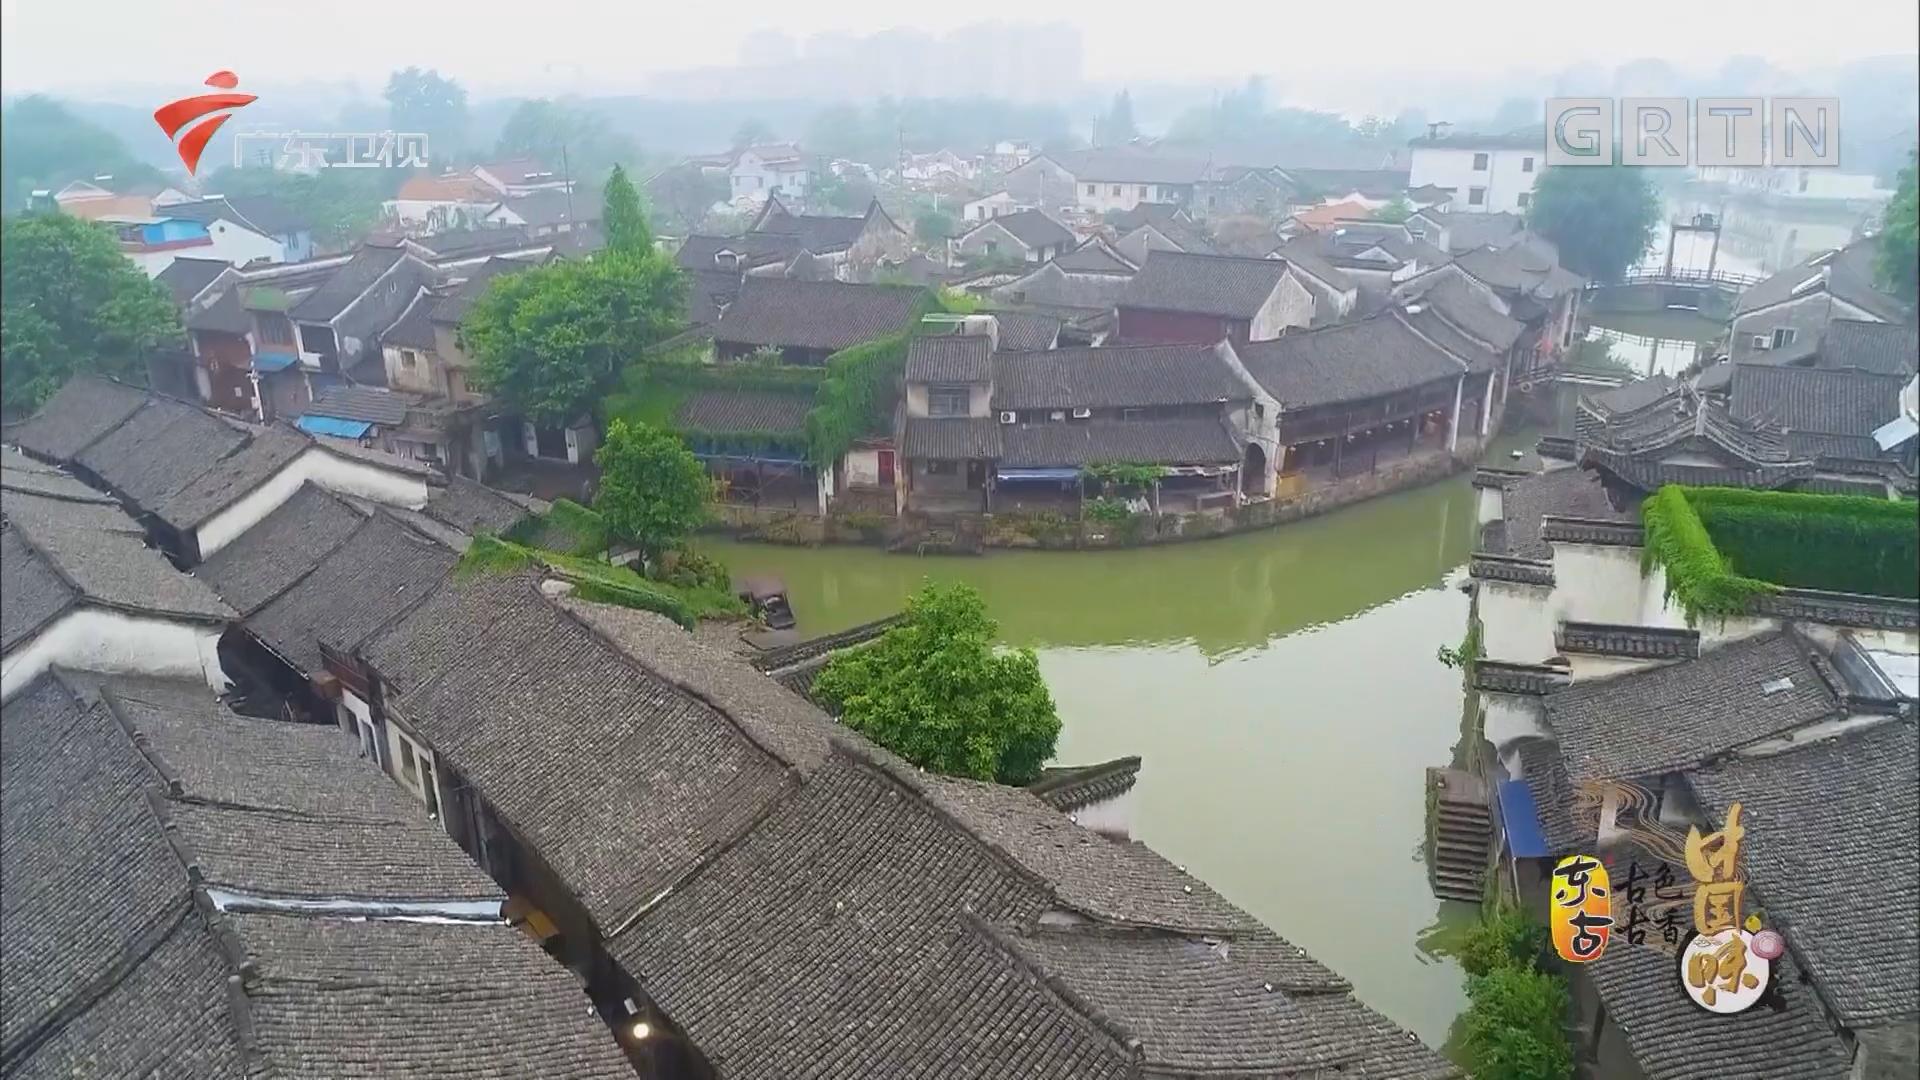 [HD][2019-06-22]古色古香中国味:何窗何户不清妍 浙江湖州新市